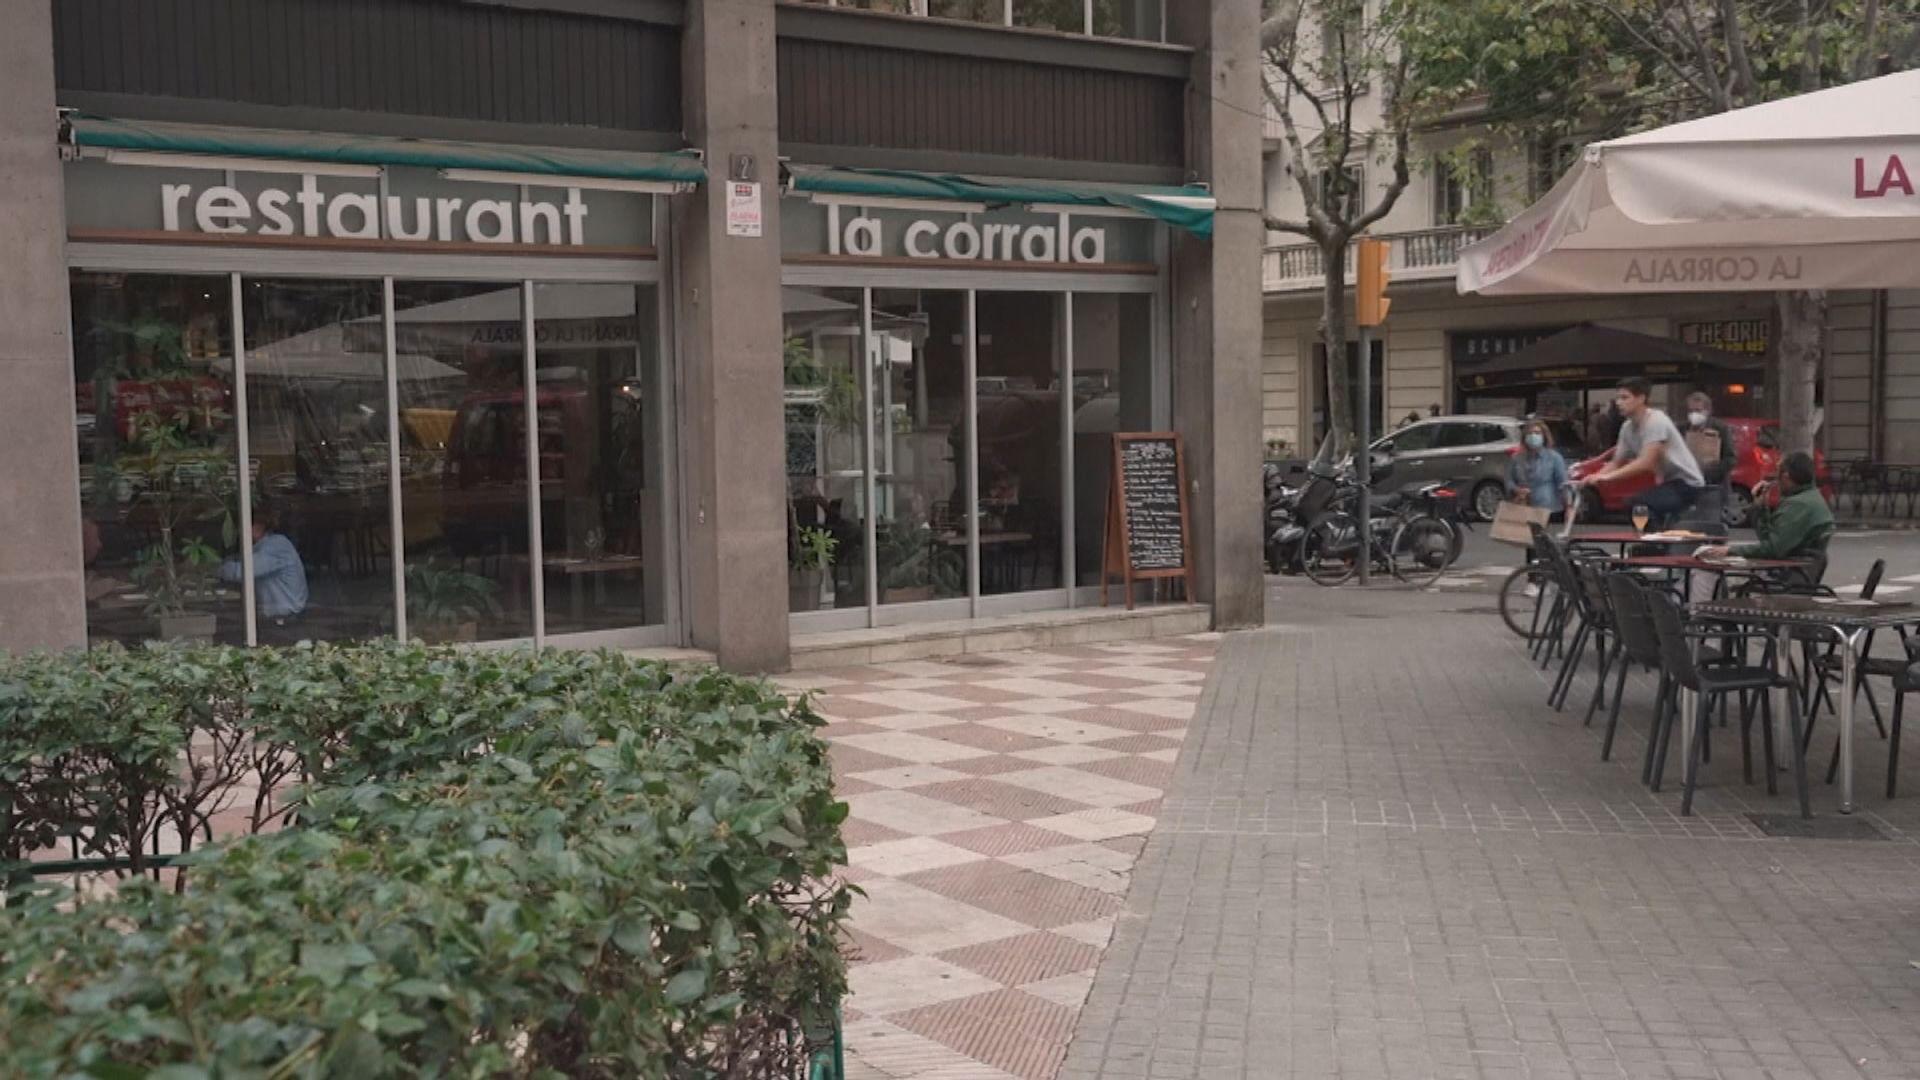 西班牙累計確診宗數突破90萬 全歐最多